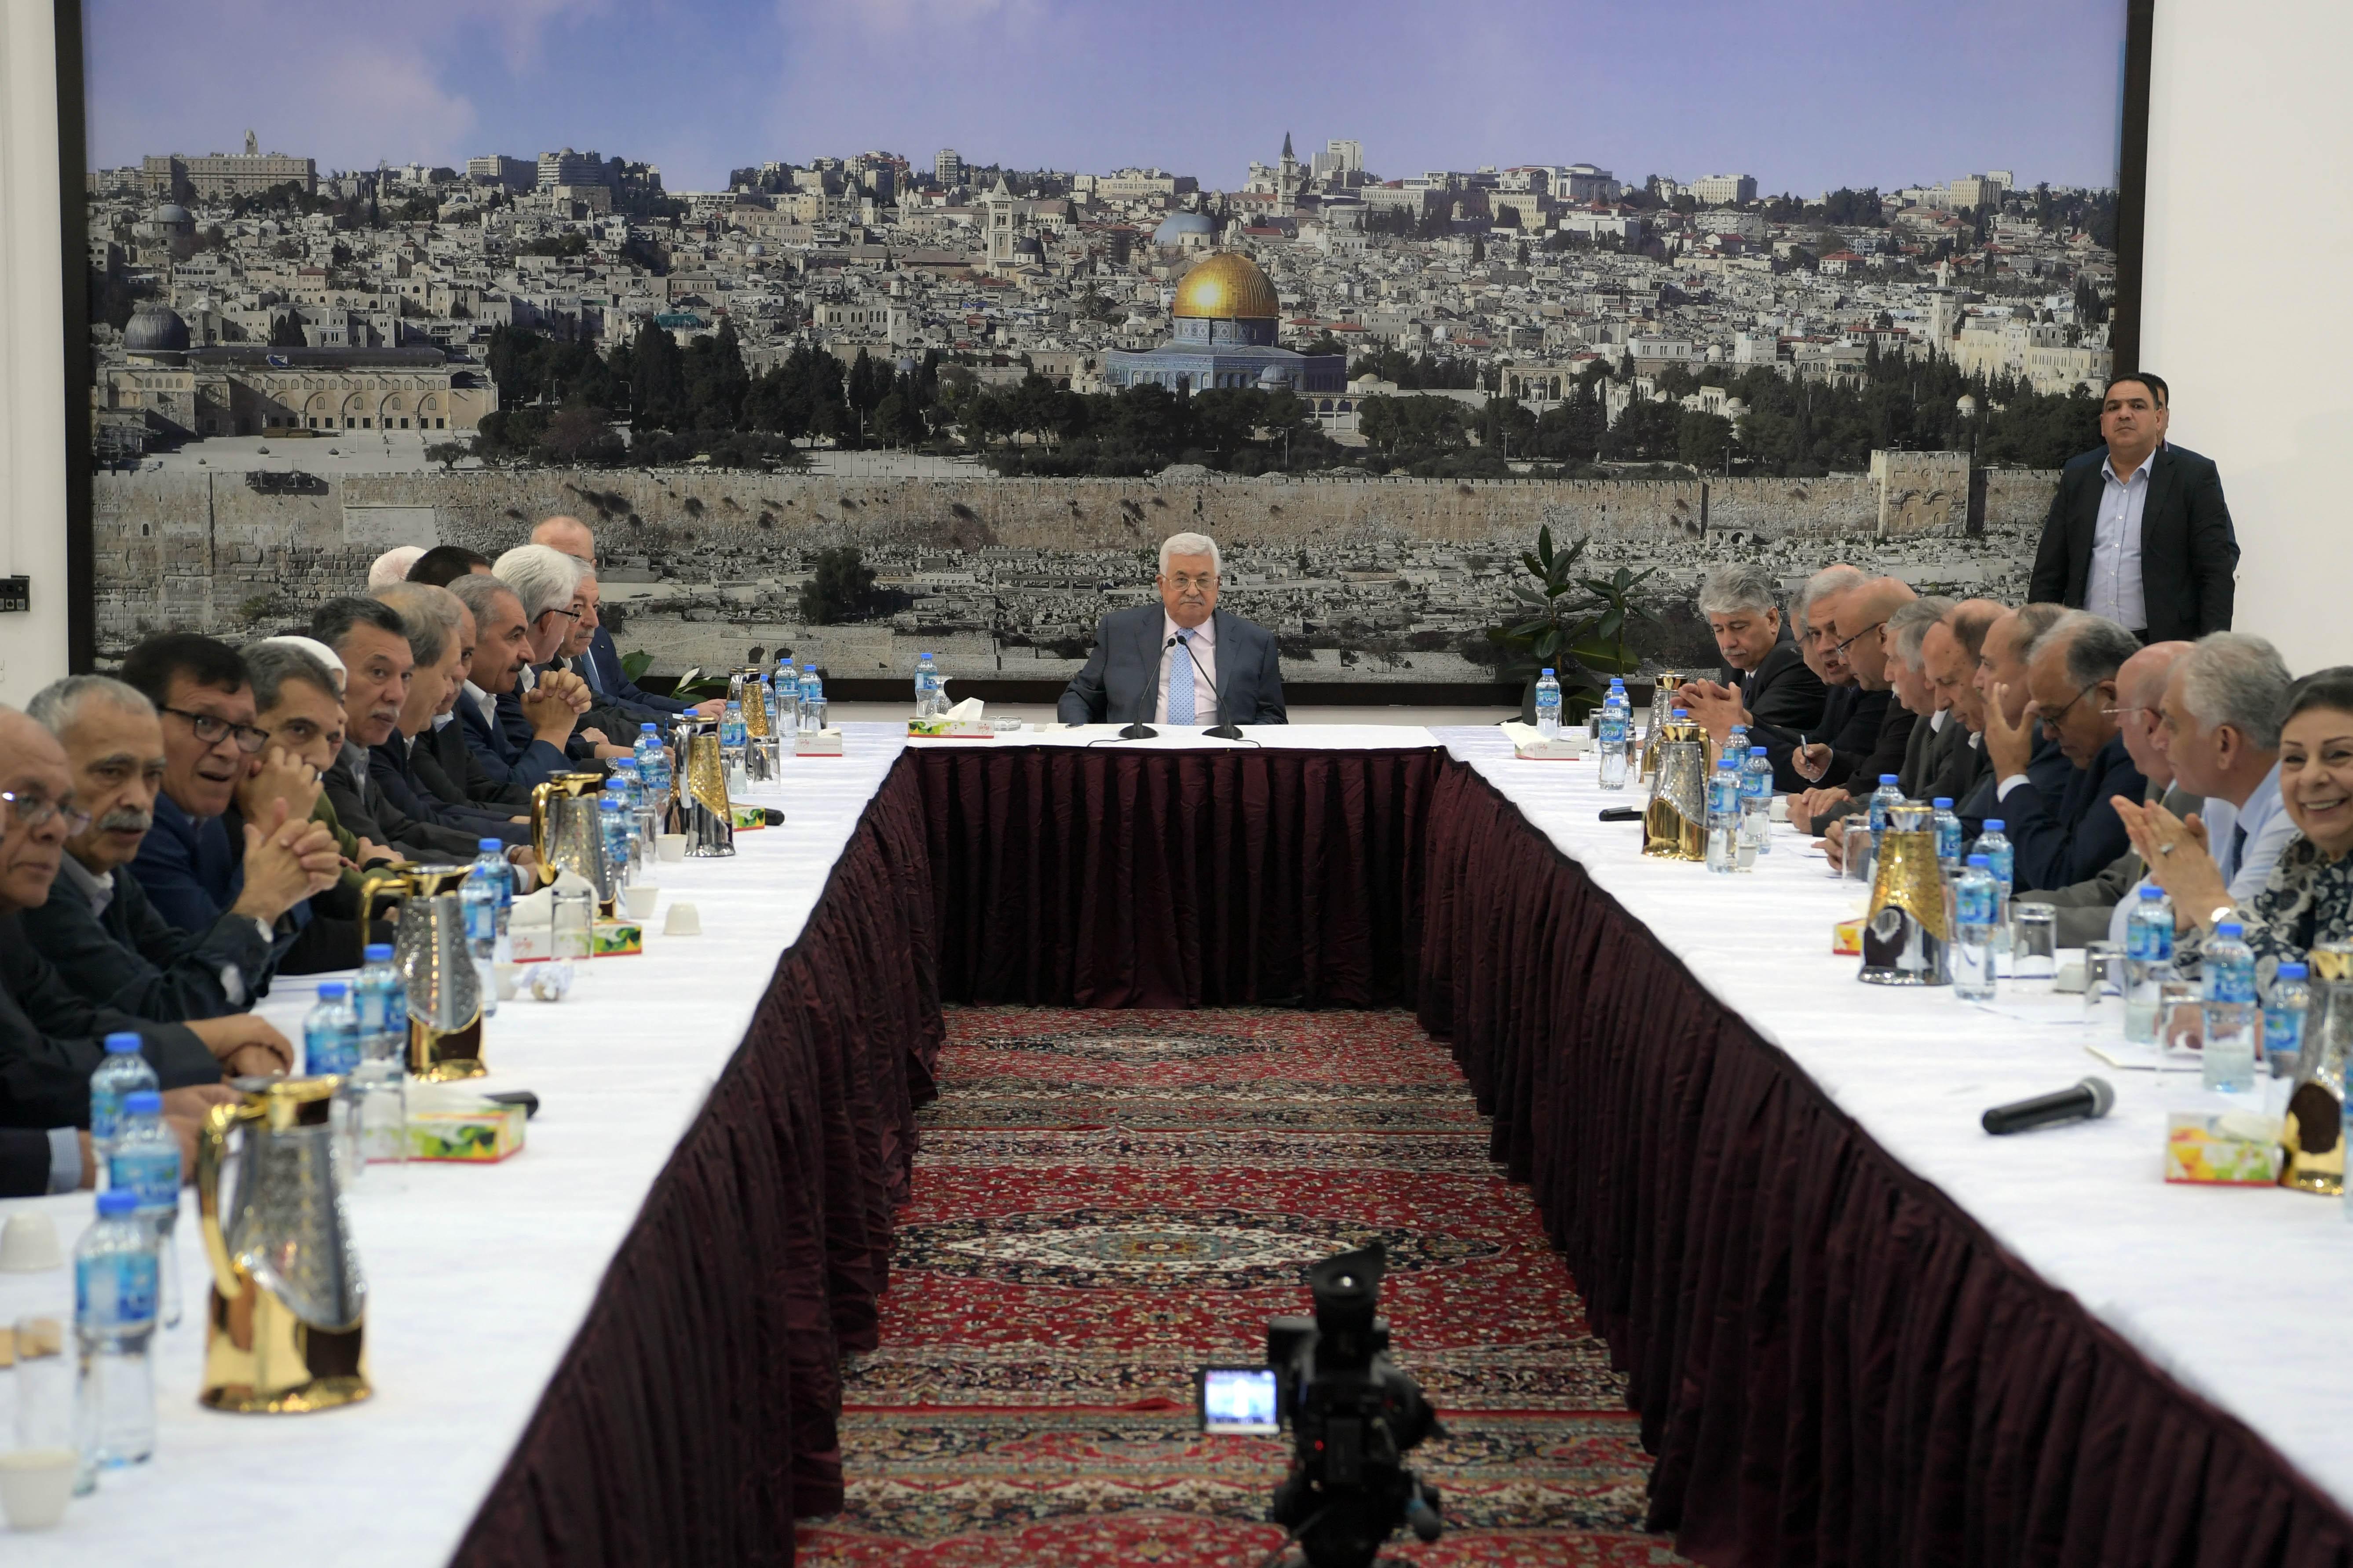 القيادة الفلسطينية تبحث عن بدائل مالية للرد على العقوبات الأمريكية